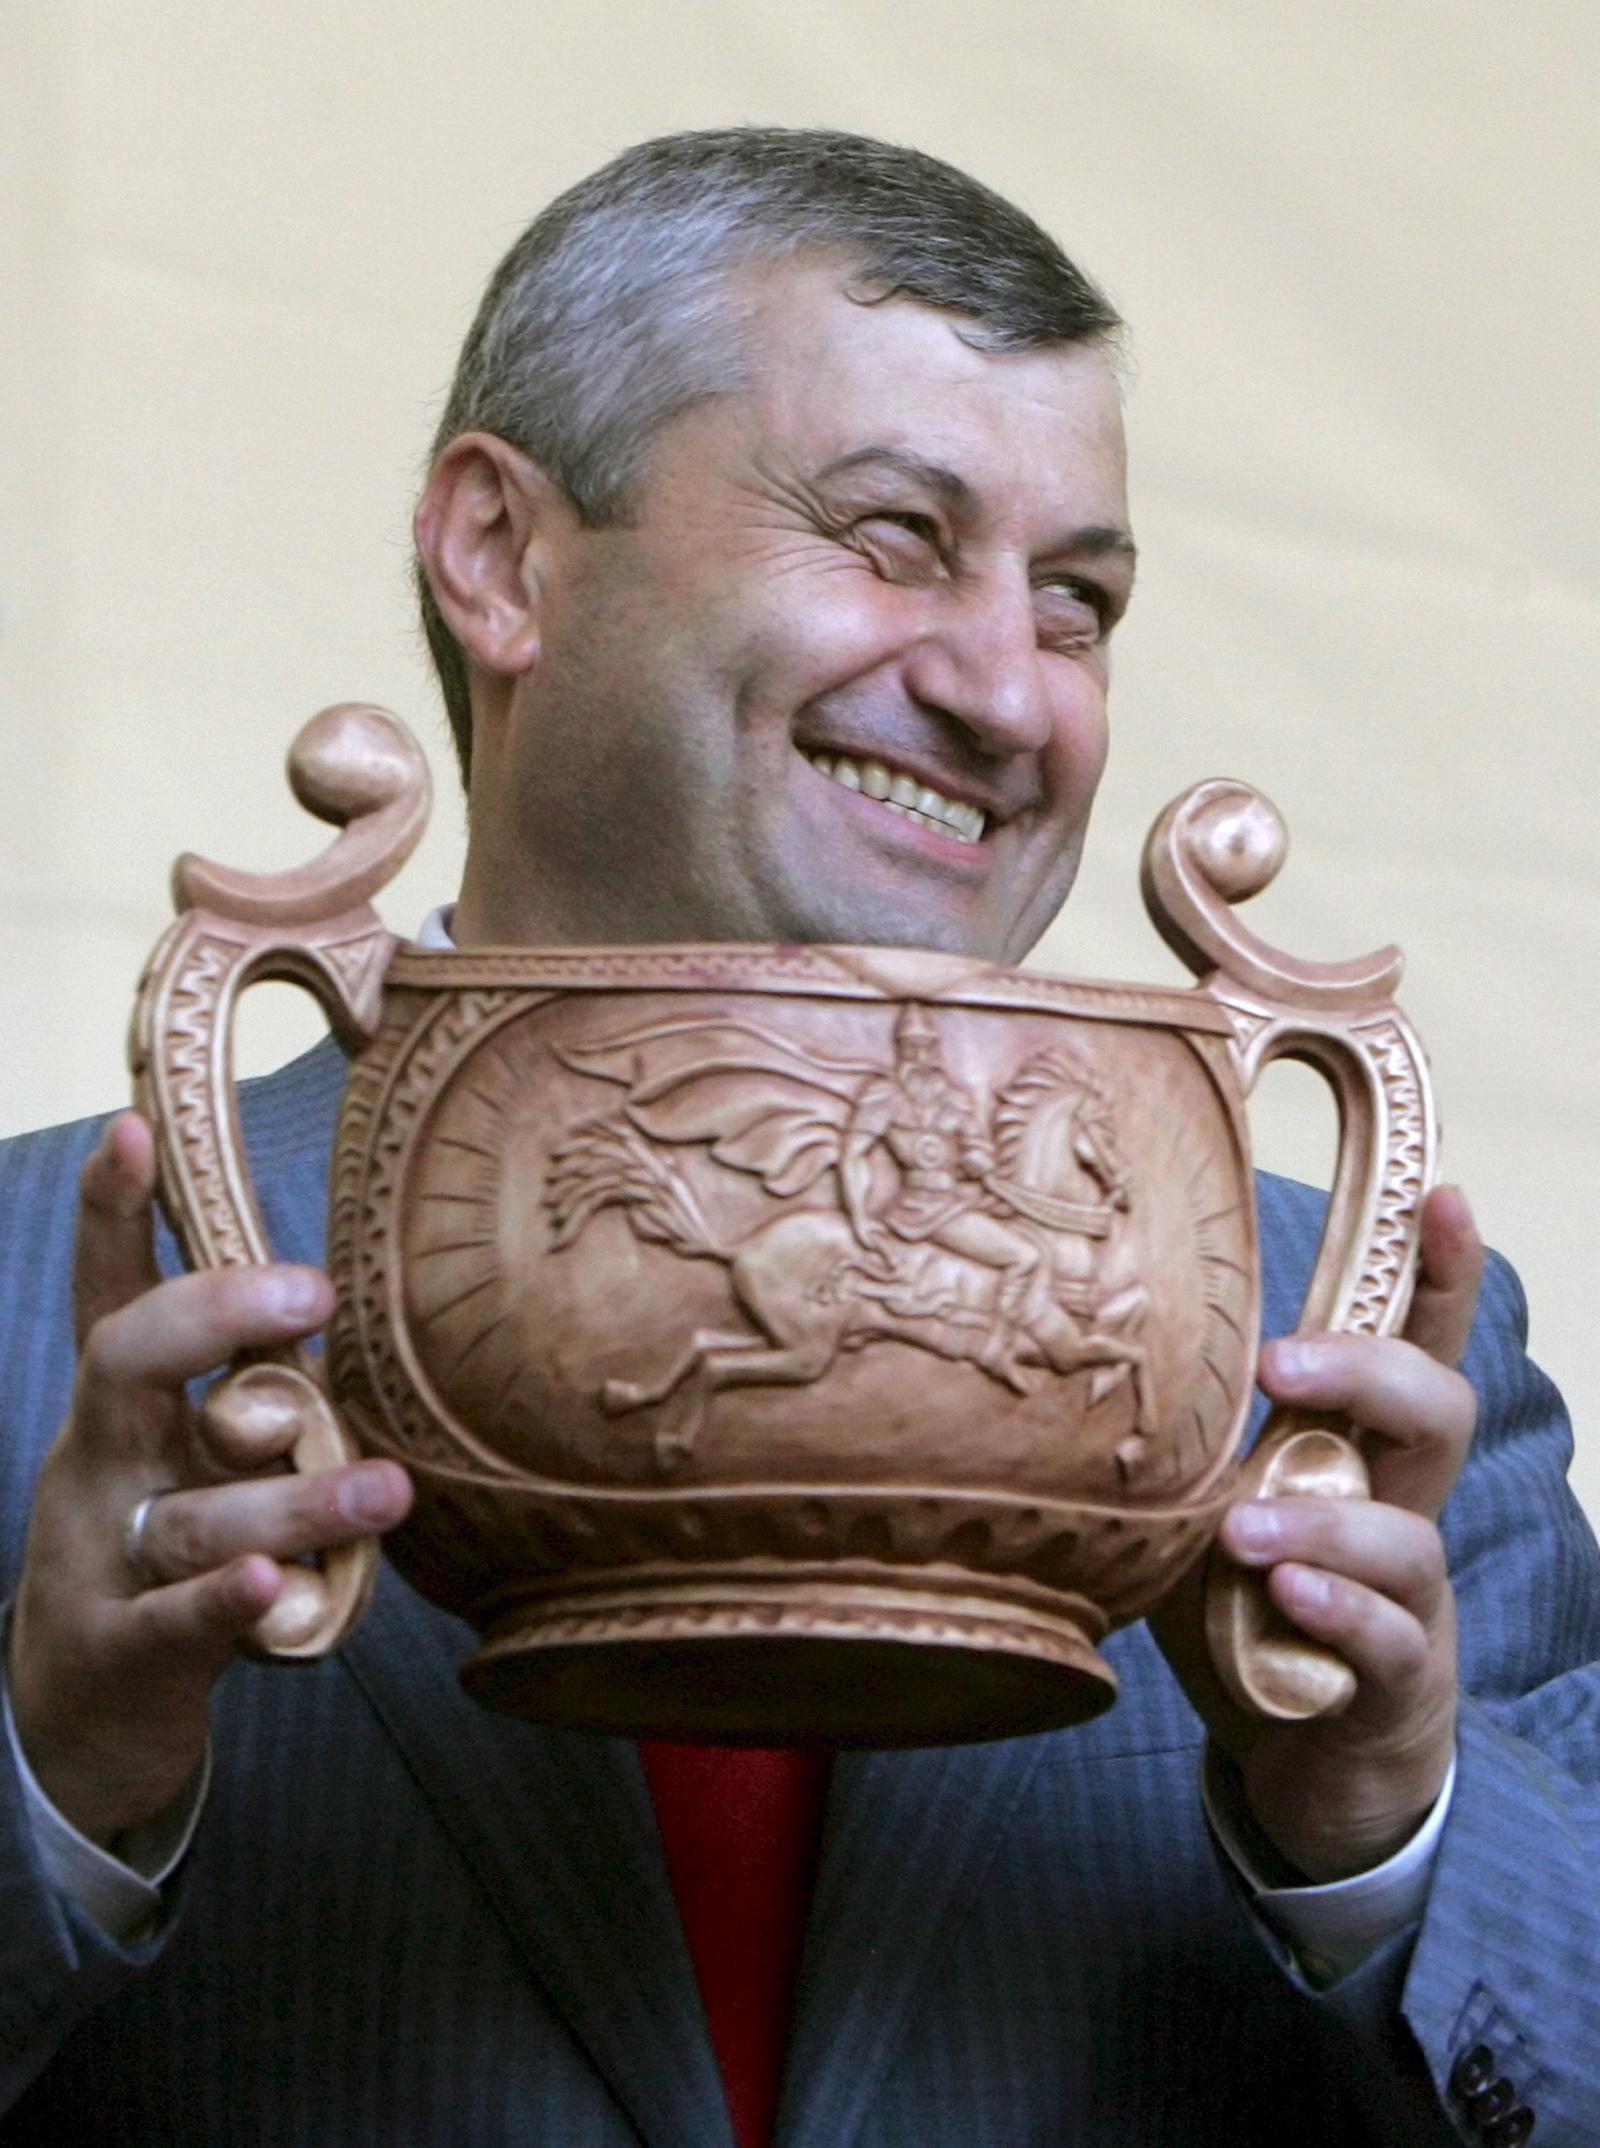 """ედუარდ კოკოითი ღვინით სავსე თასით ხელში ზეიმობს რუსეთის მიერ სამხრეთ ოსეთისა და აფხაზეთის """"დამოუკიდბელობის"""" აღიარებას © EPA/MAXIM SHIPENKOV"""